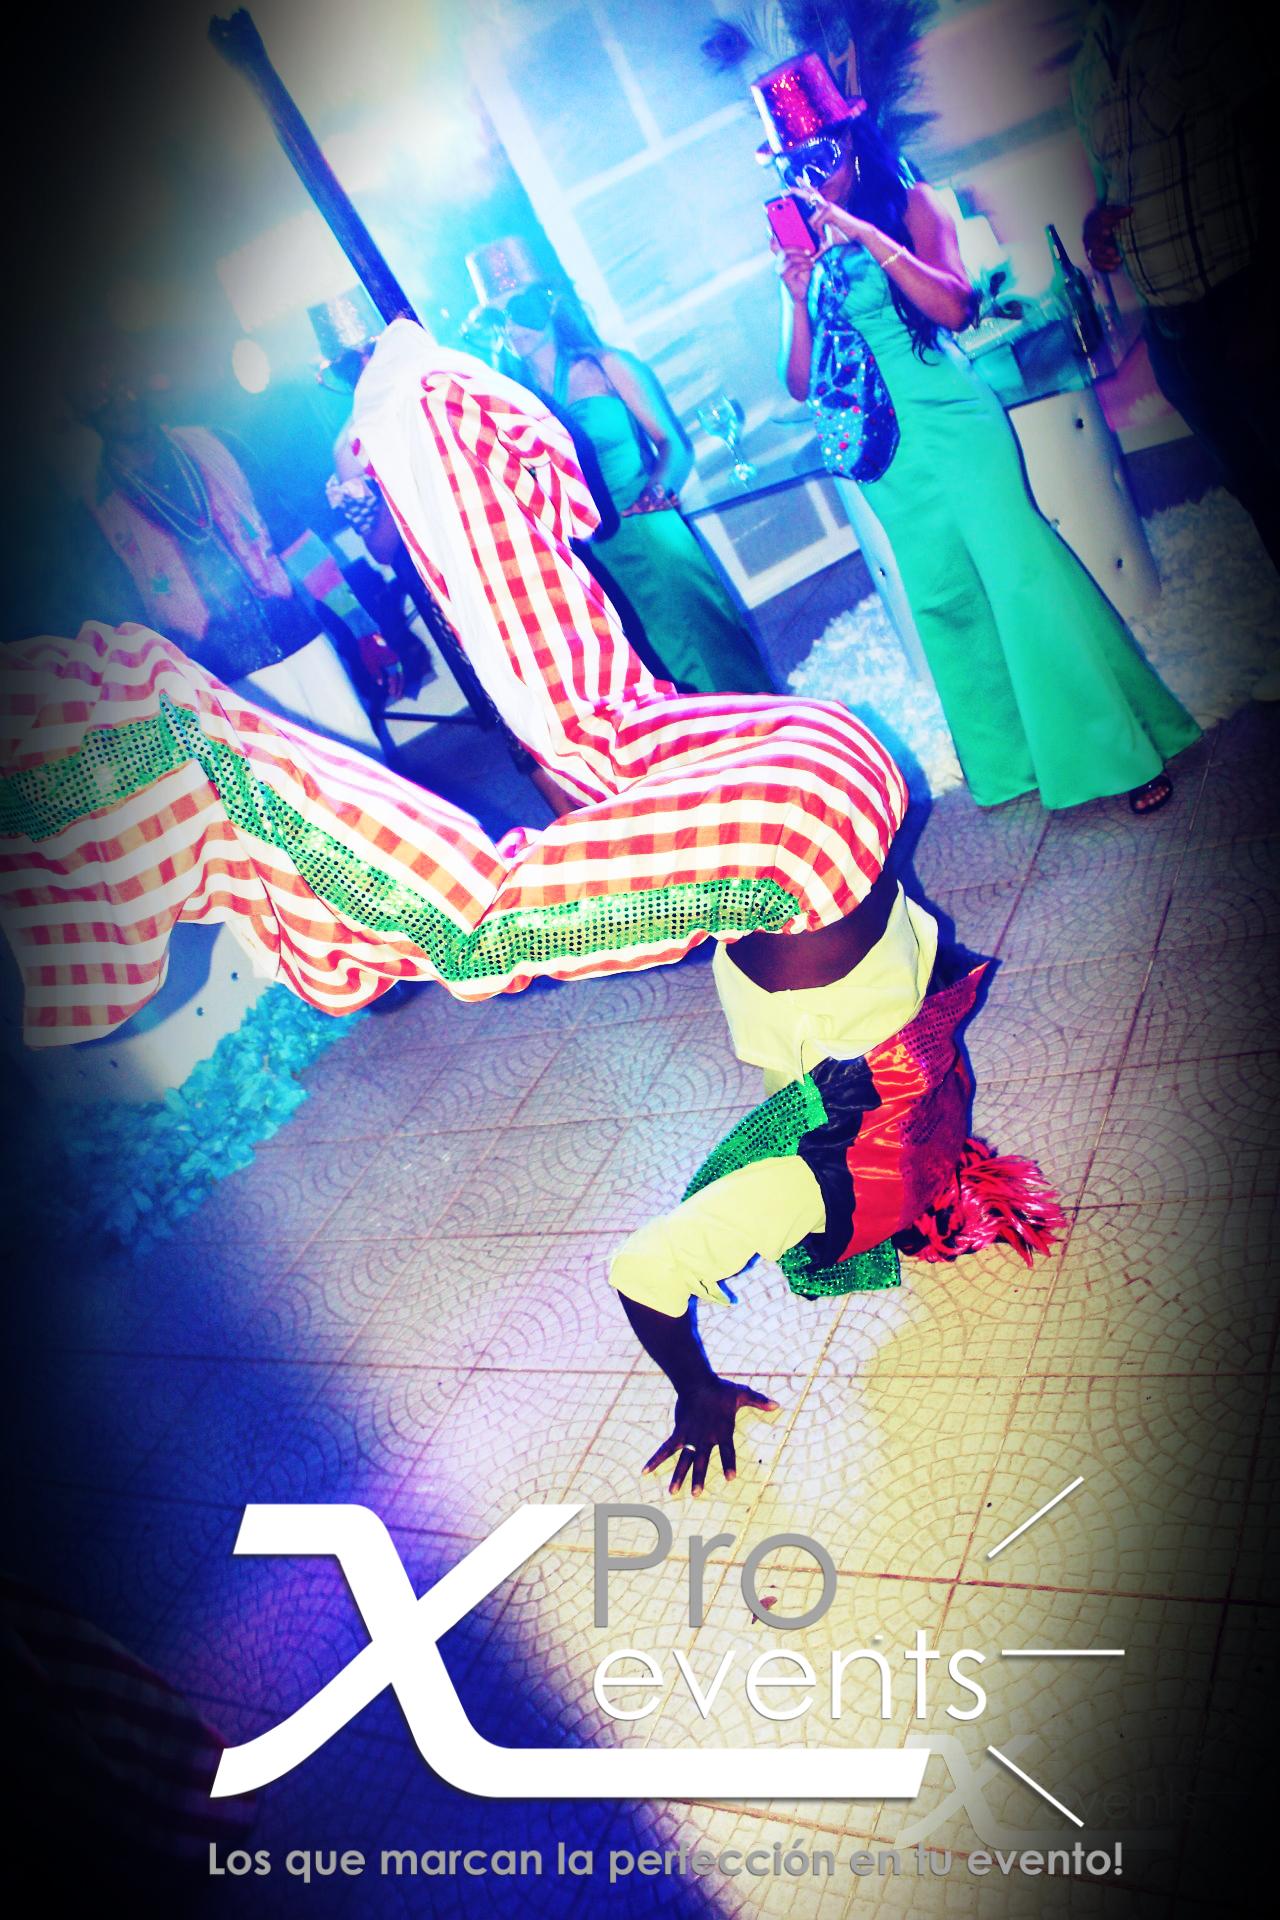 www.Xproevents.com - Los mejores zancos del pais.JPG